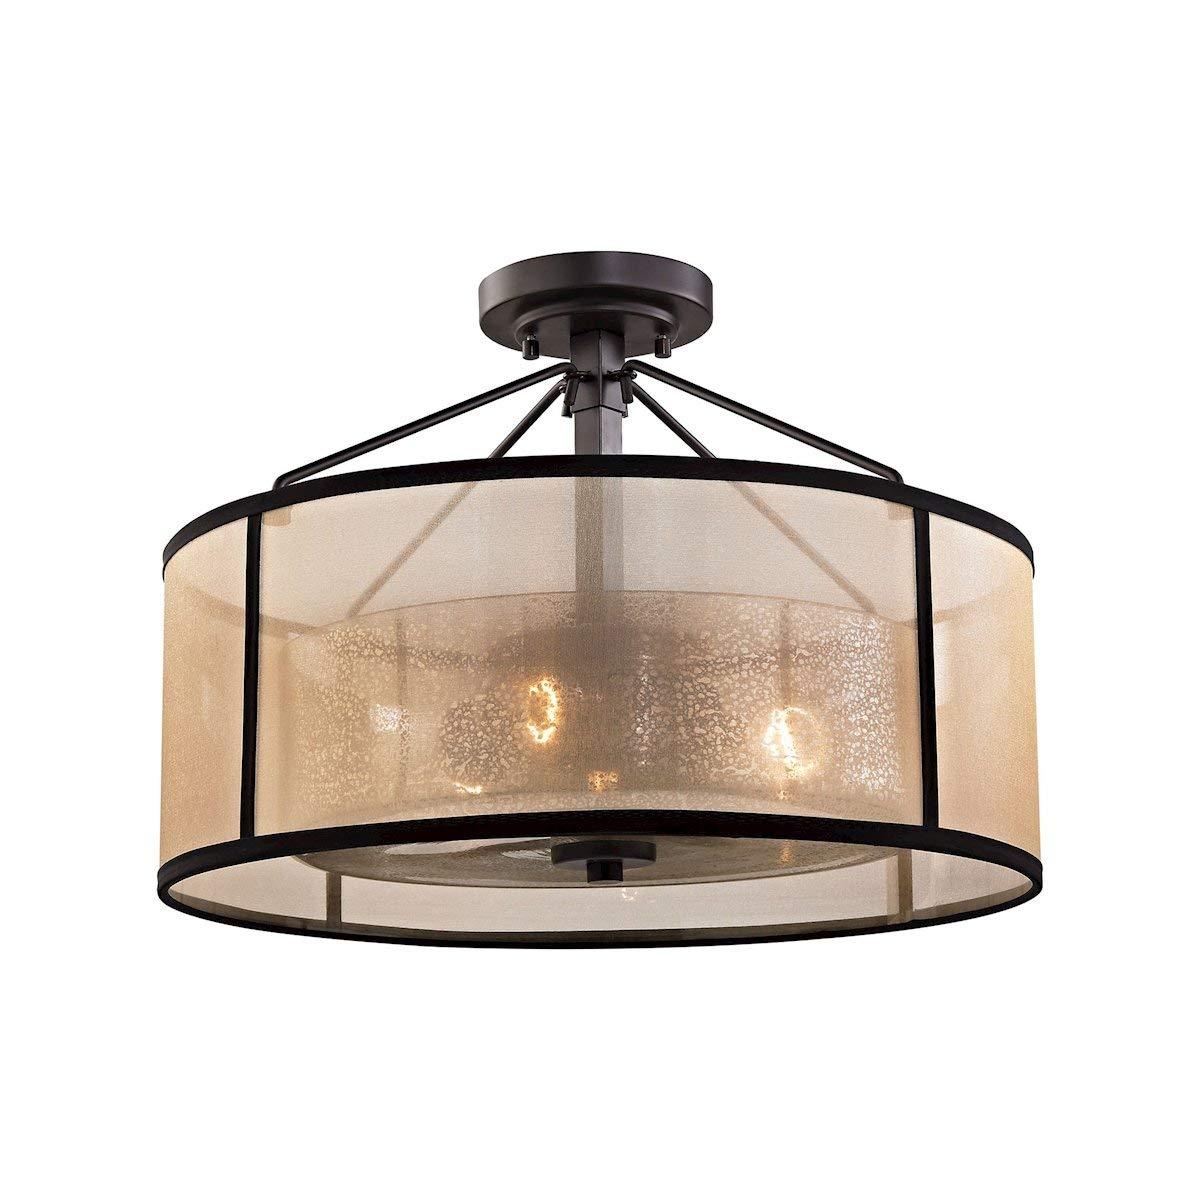 Elk lighting 57024 3 close to ceiling light fixtures 13 x 18 x 18 bronze amazon com